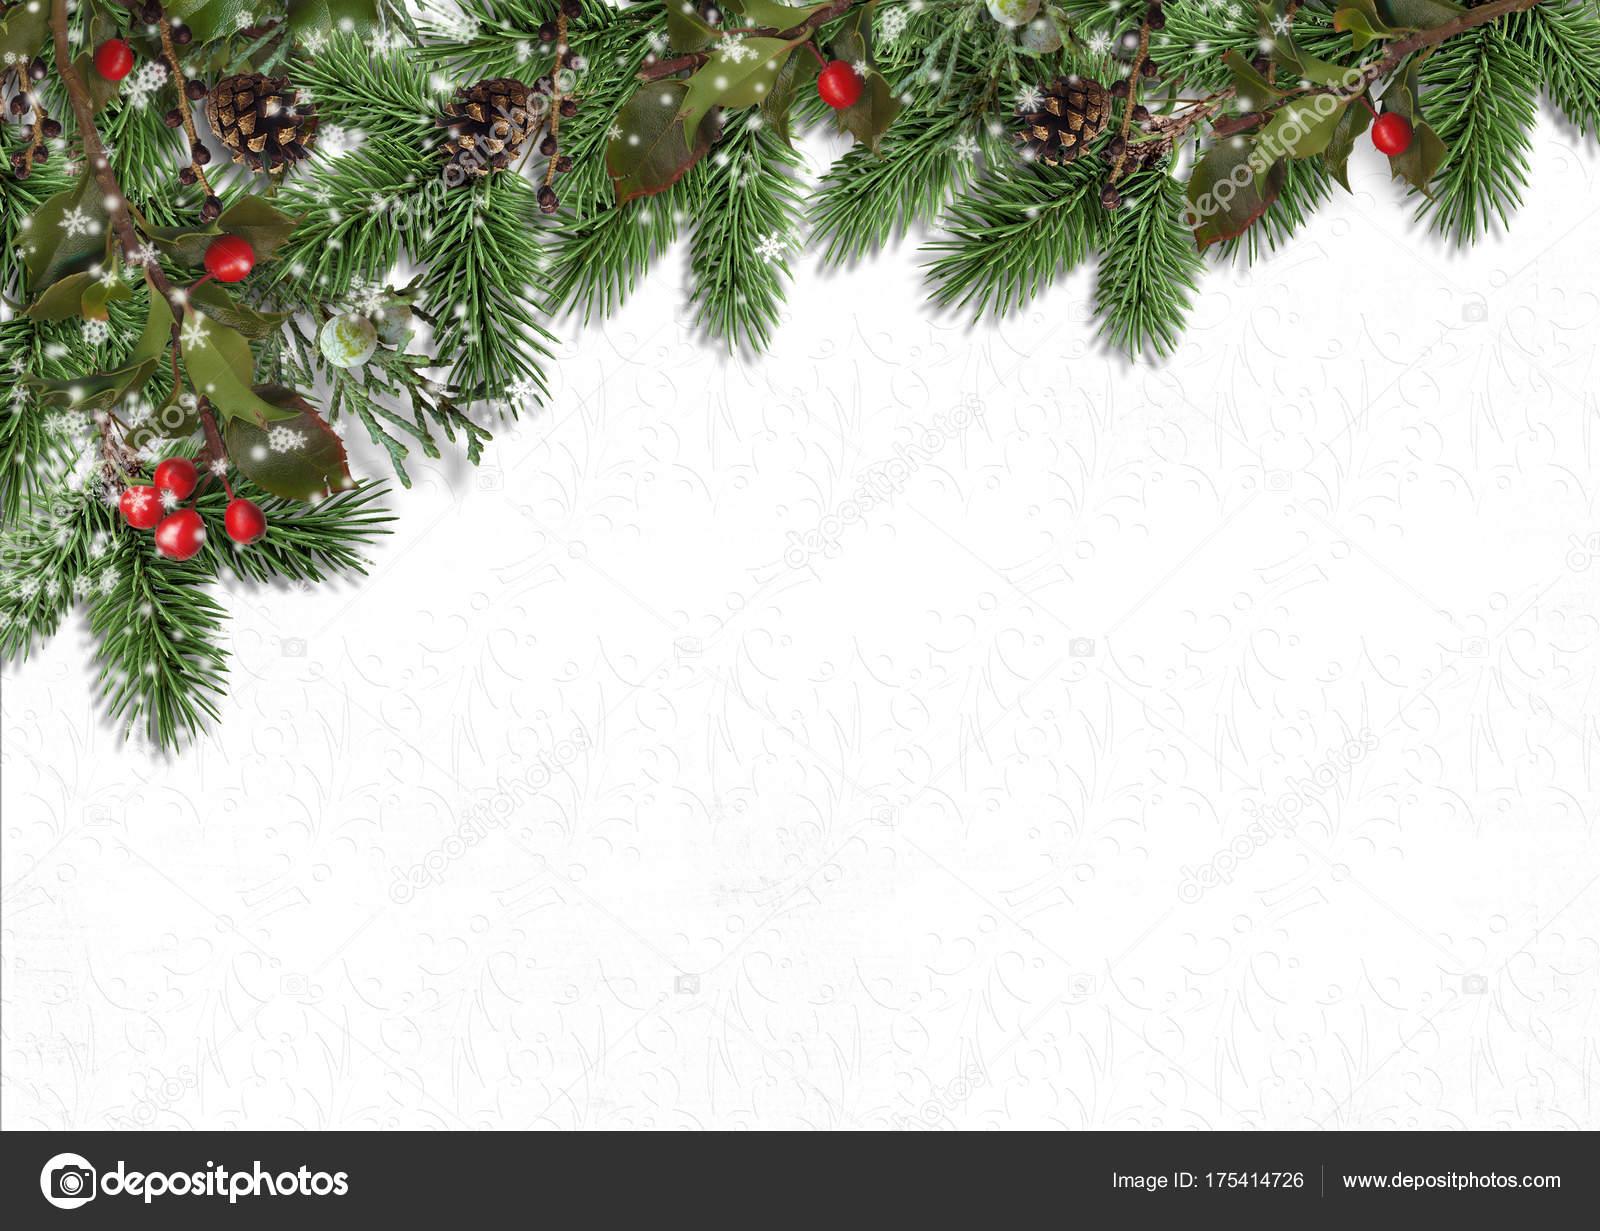 Hintergrund Weihnachten.Weihnachten Hintergrund Mit Firtree Und Holly Auf Weiss